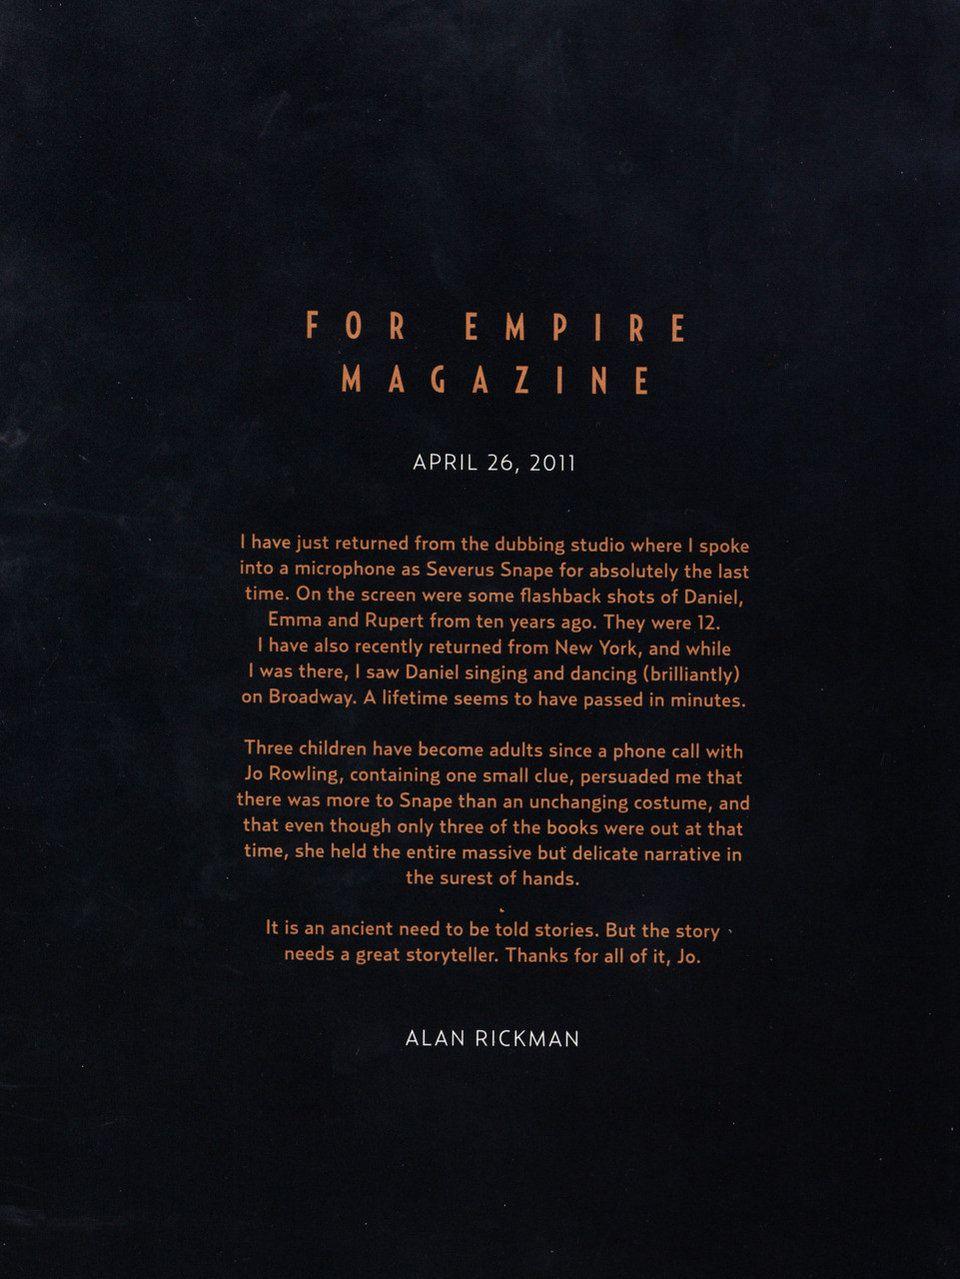 Pred tromi rokmi nás opustil Alan Rickman. Týmto listom sa lúčil so ságou Harryho Pottera